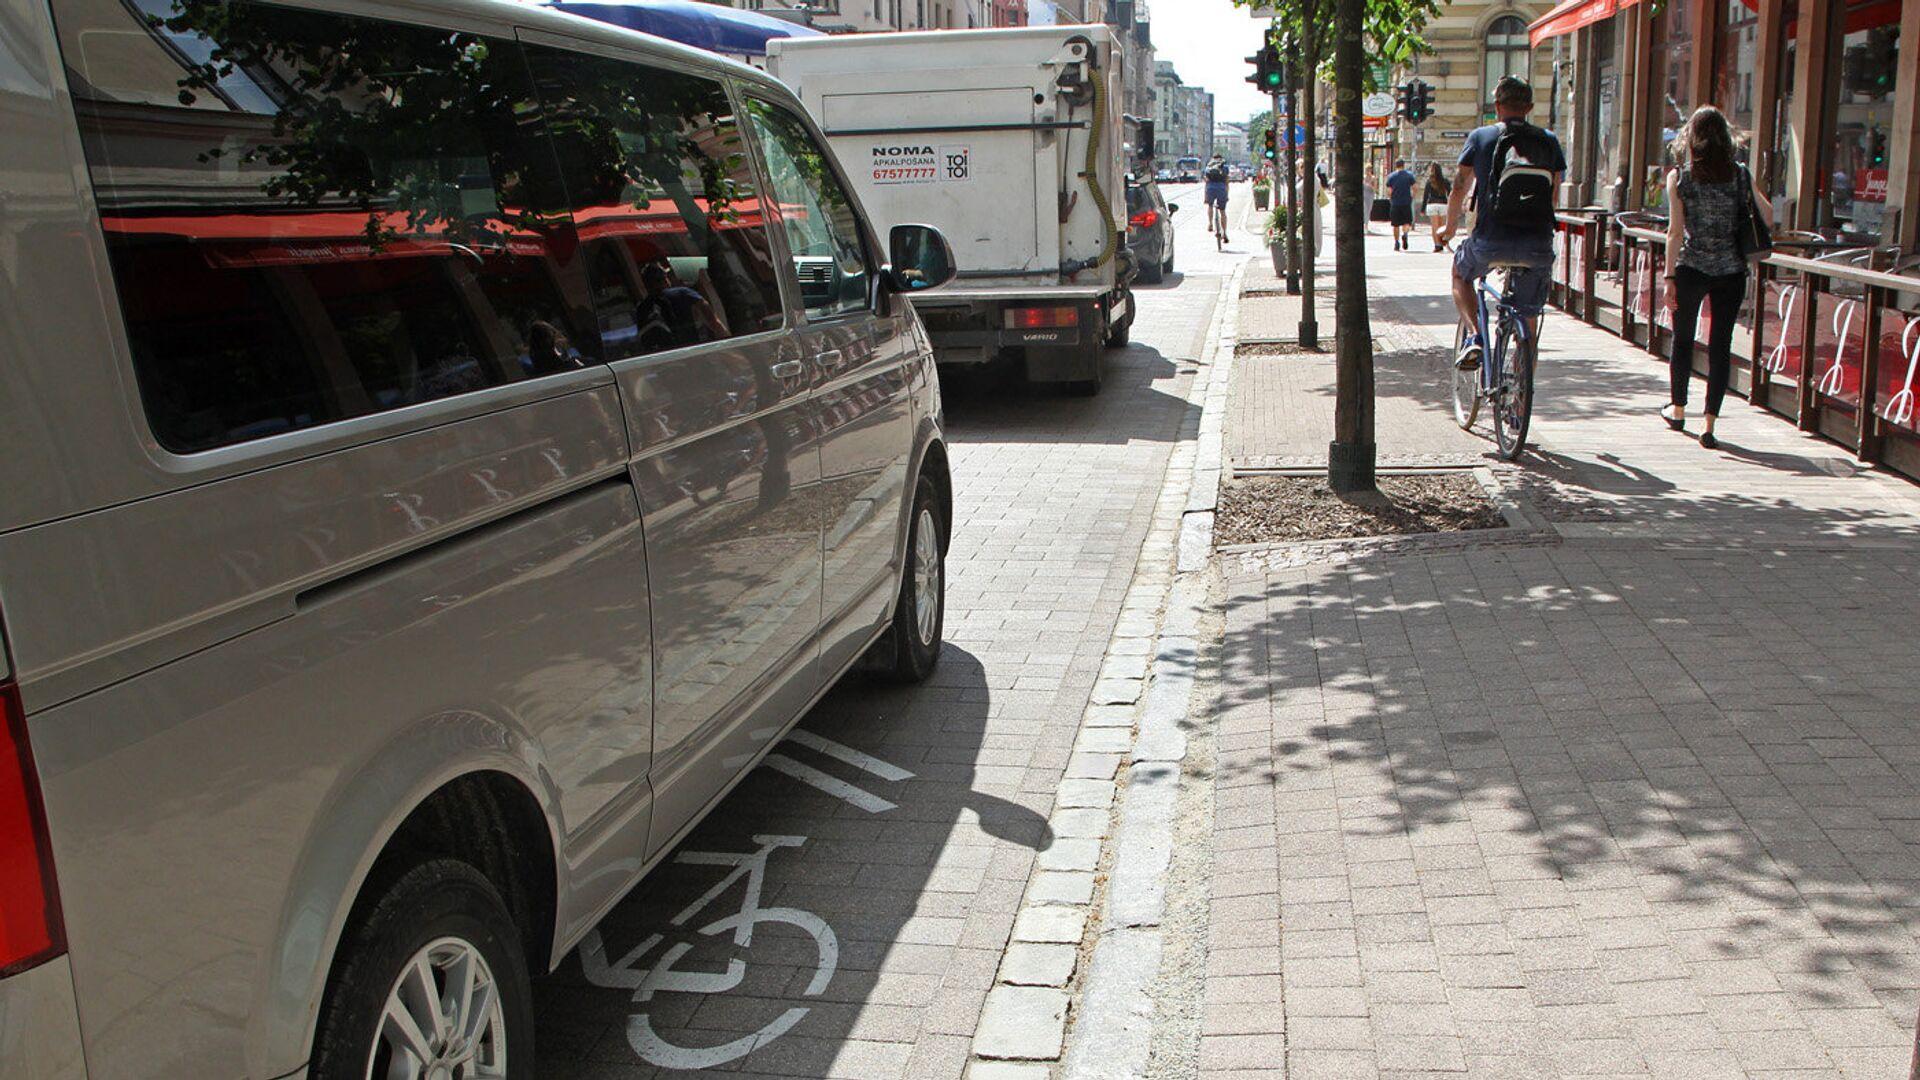 Едущего по тротуару велосипедиста можно понять — его полоса занята автомобилями - Sputnik Латвия, 1920, 13.09.2021